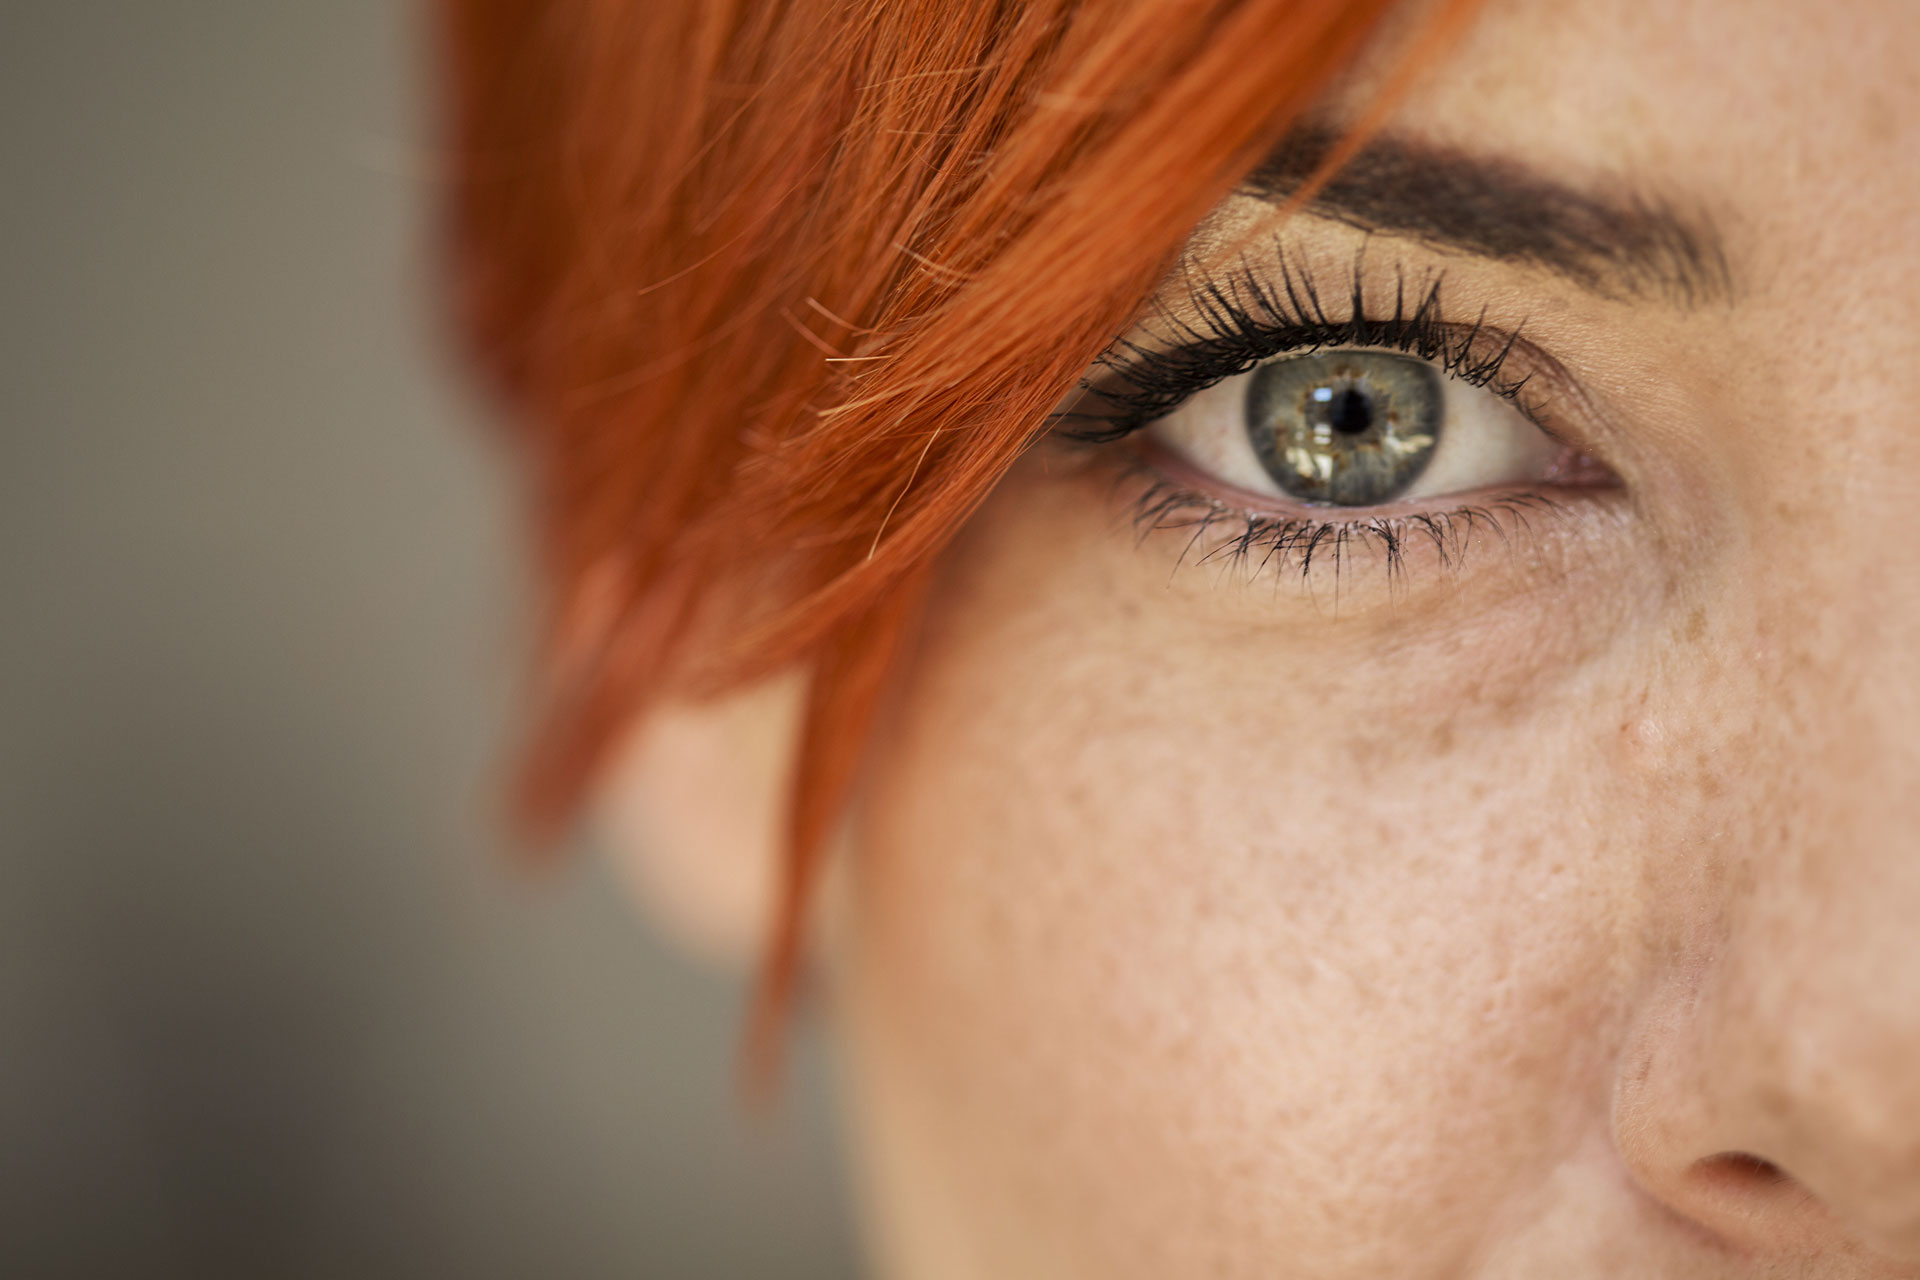 ochi cu vedere bună viziunea 0 într-un singur ochi